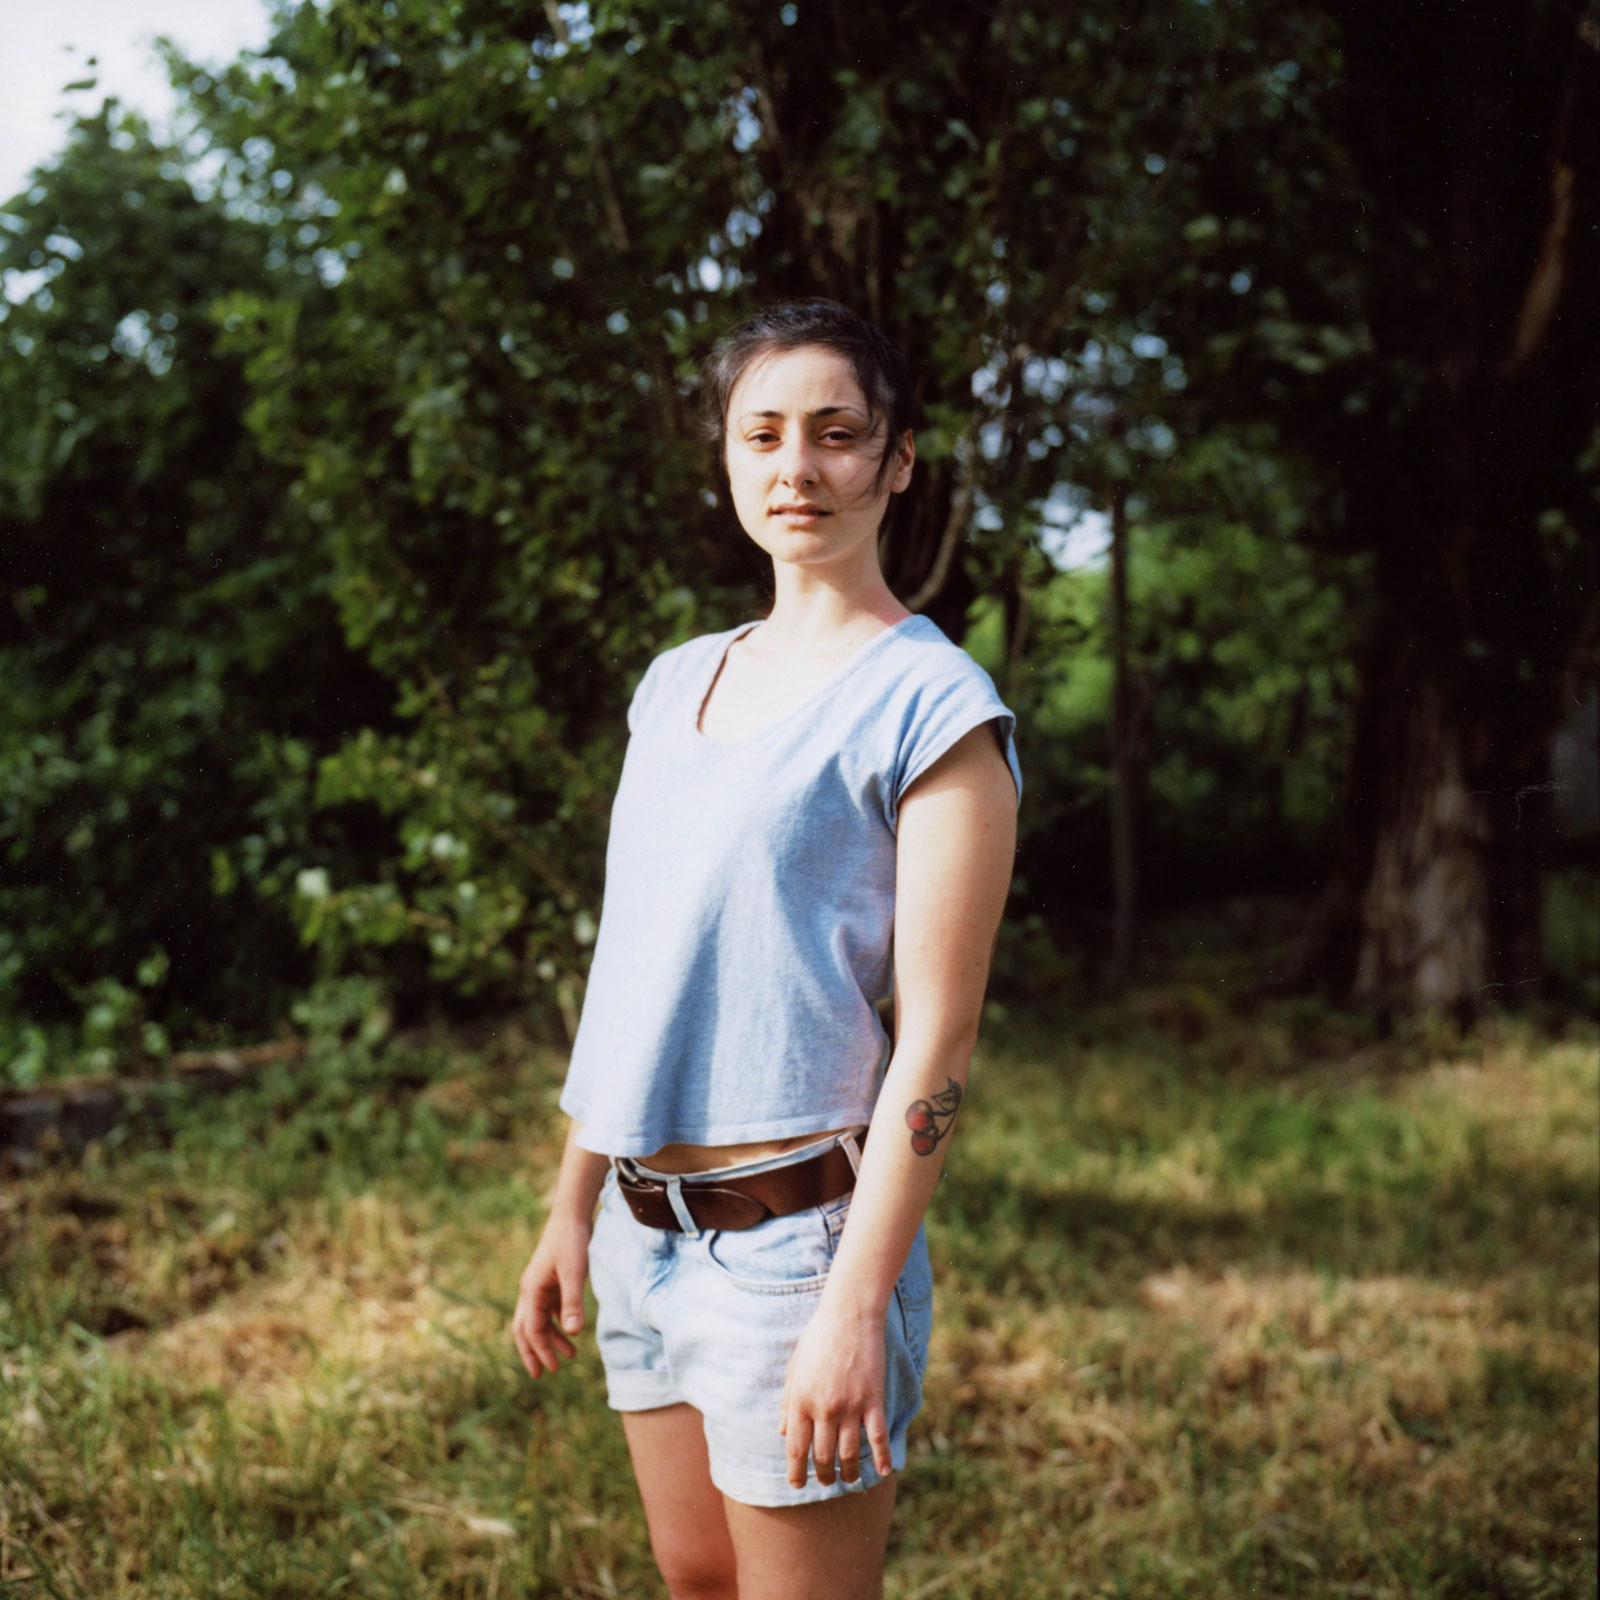 Nicola Baldazzi Ravenna